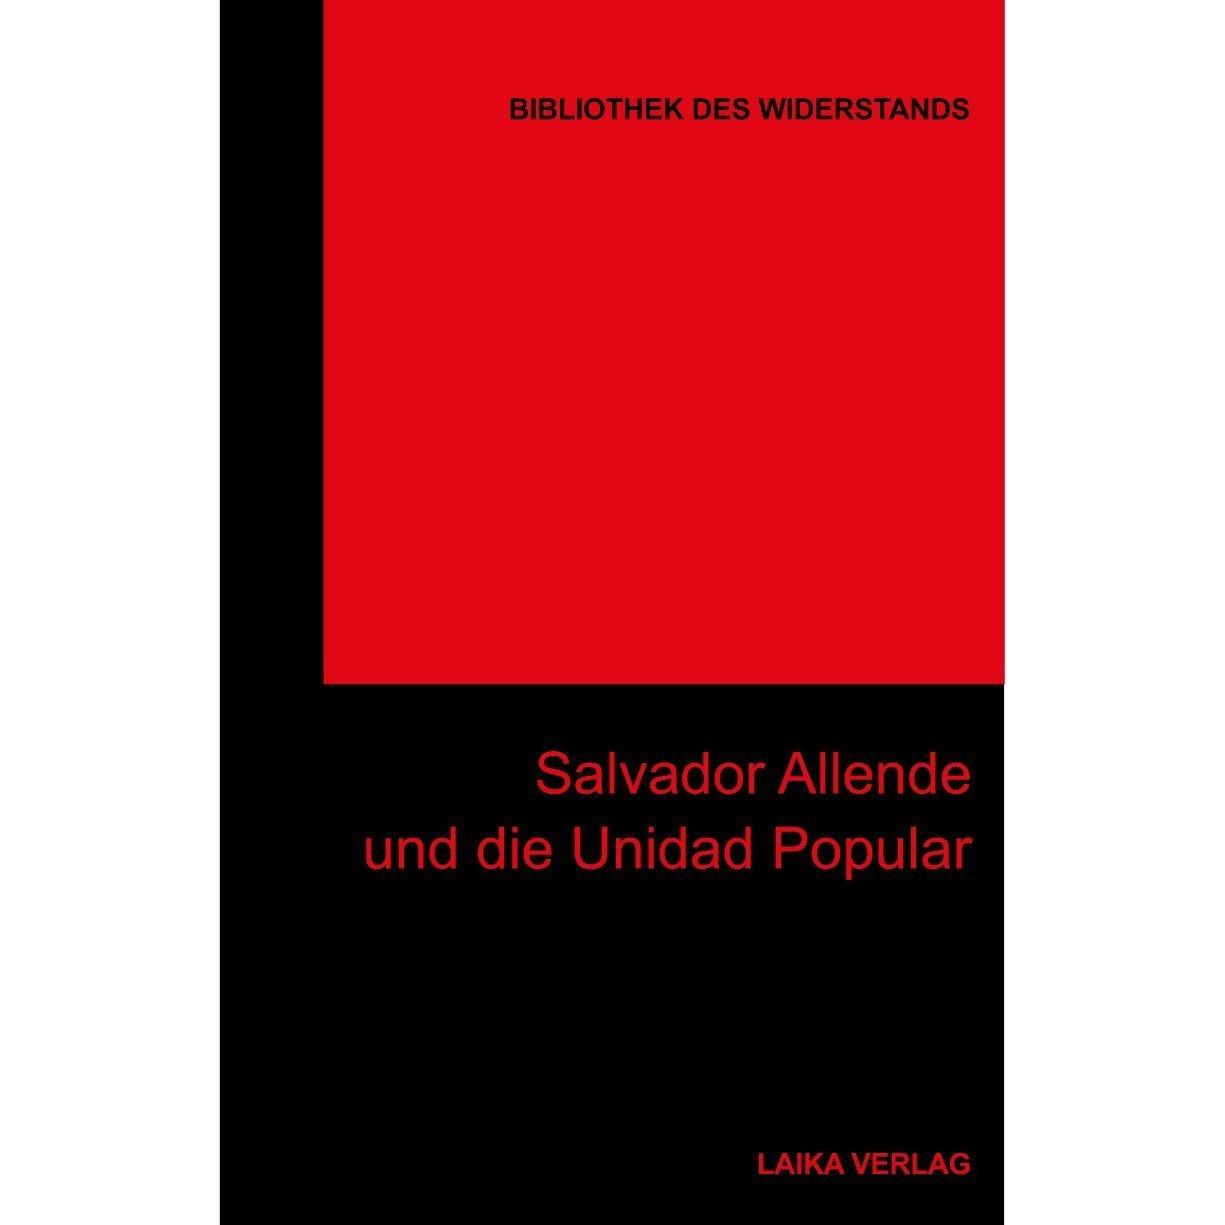 Bibliothek des Widerstands Band 28: Salvador Allende und die Unidad Popular